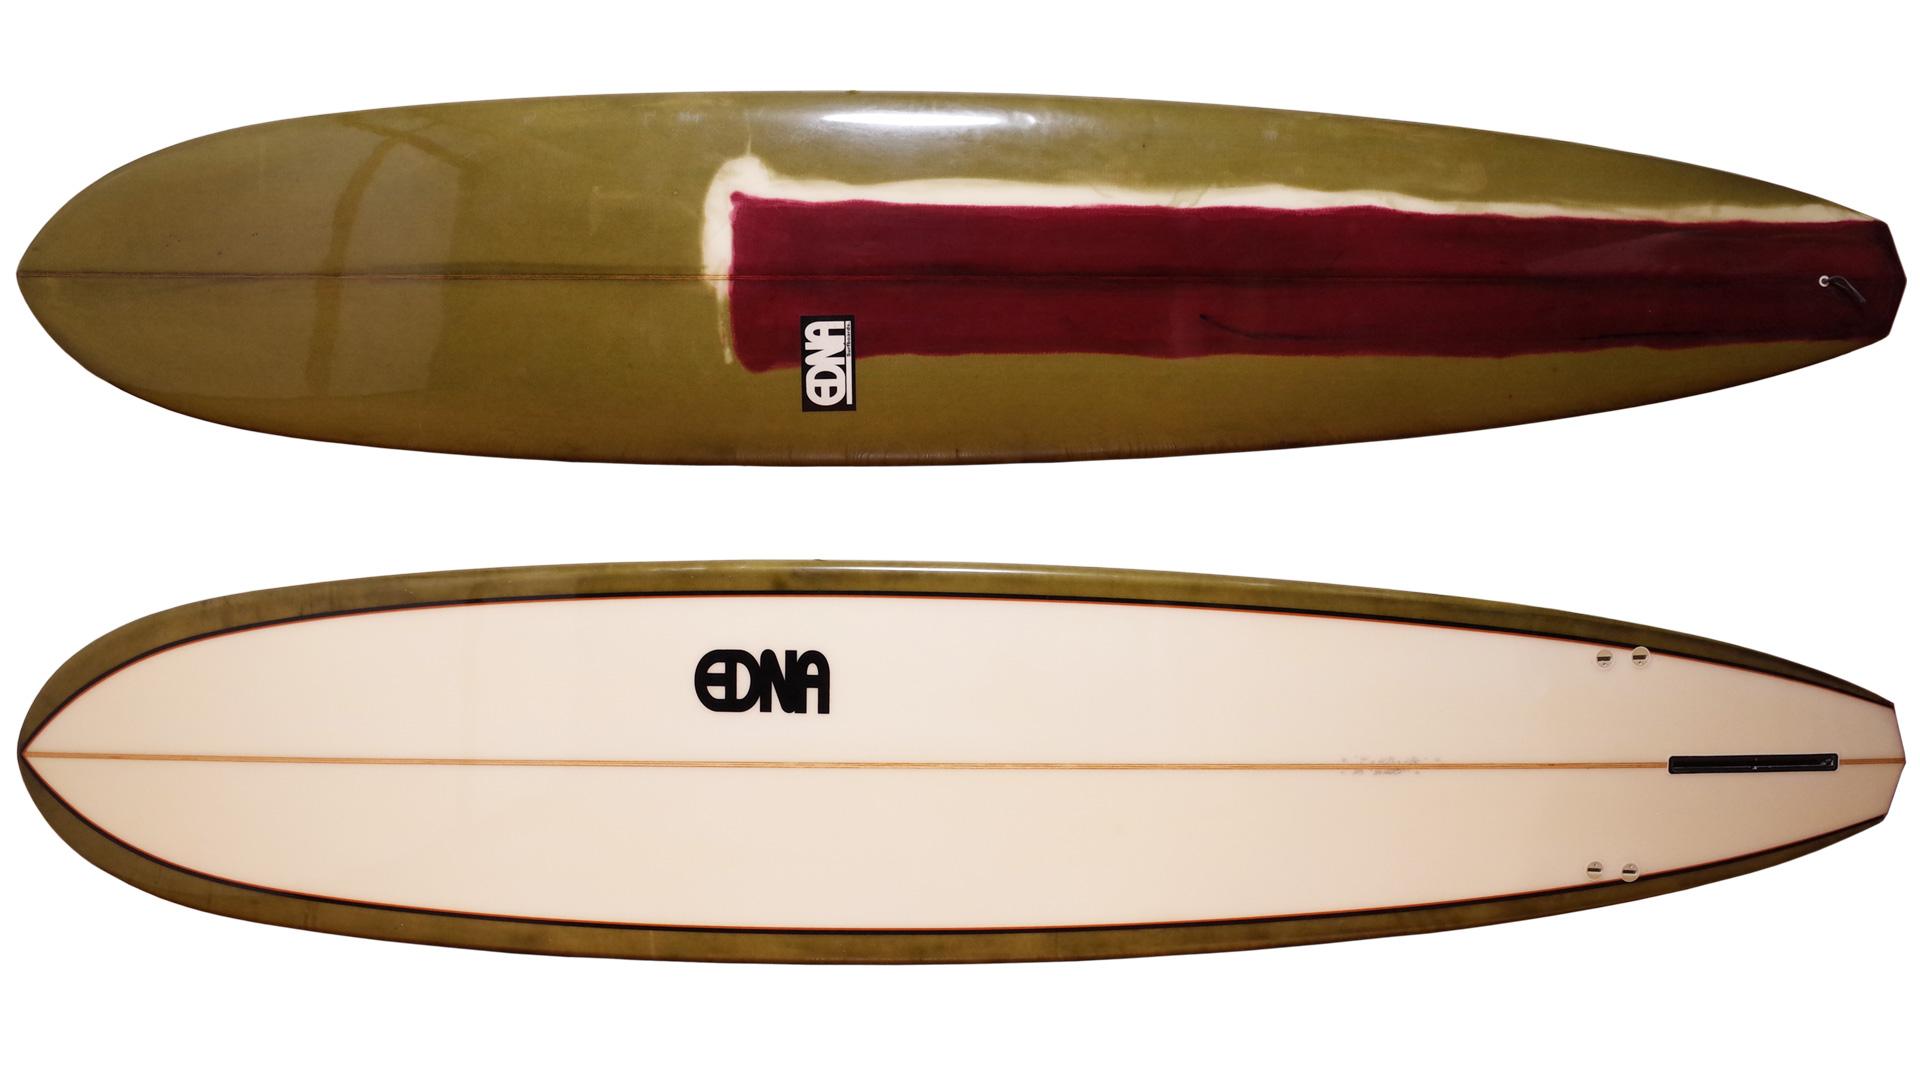 EDNA エドナサーフボード ロングボード 9`1 Performance